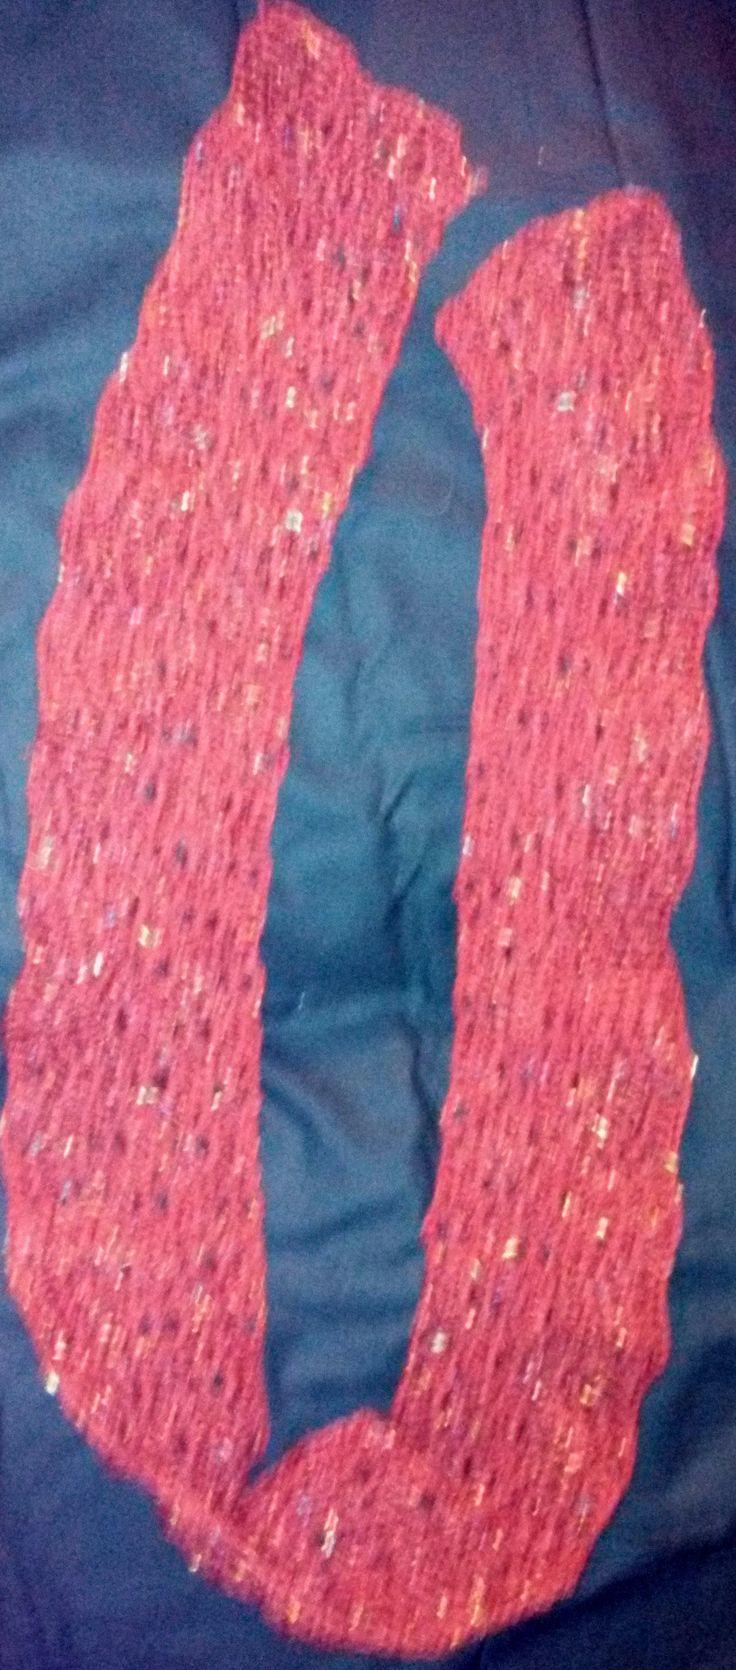 A scarf I made.